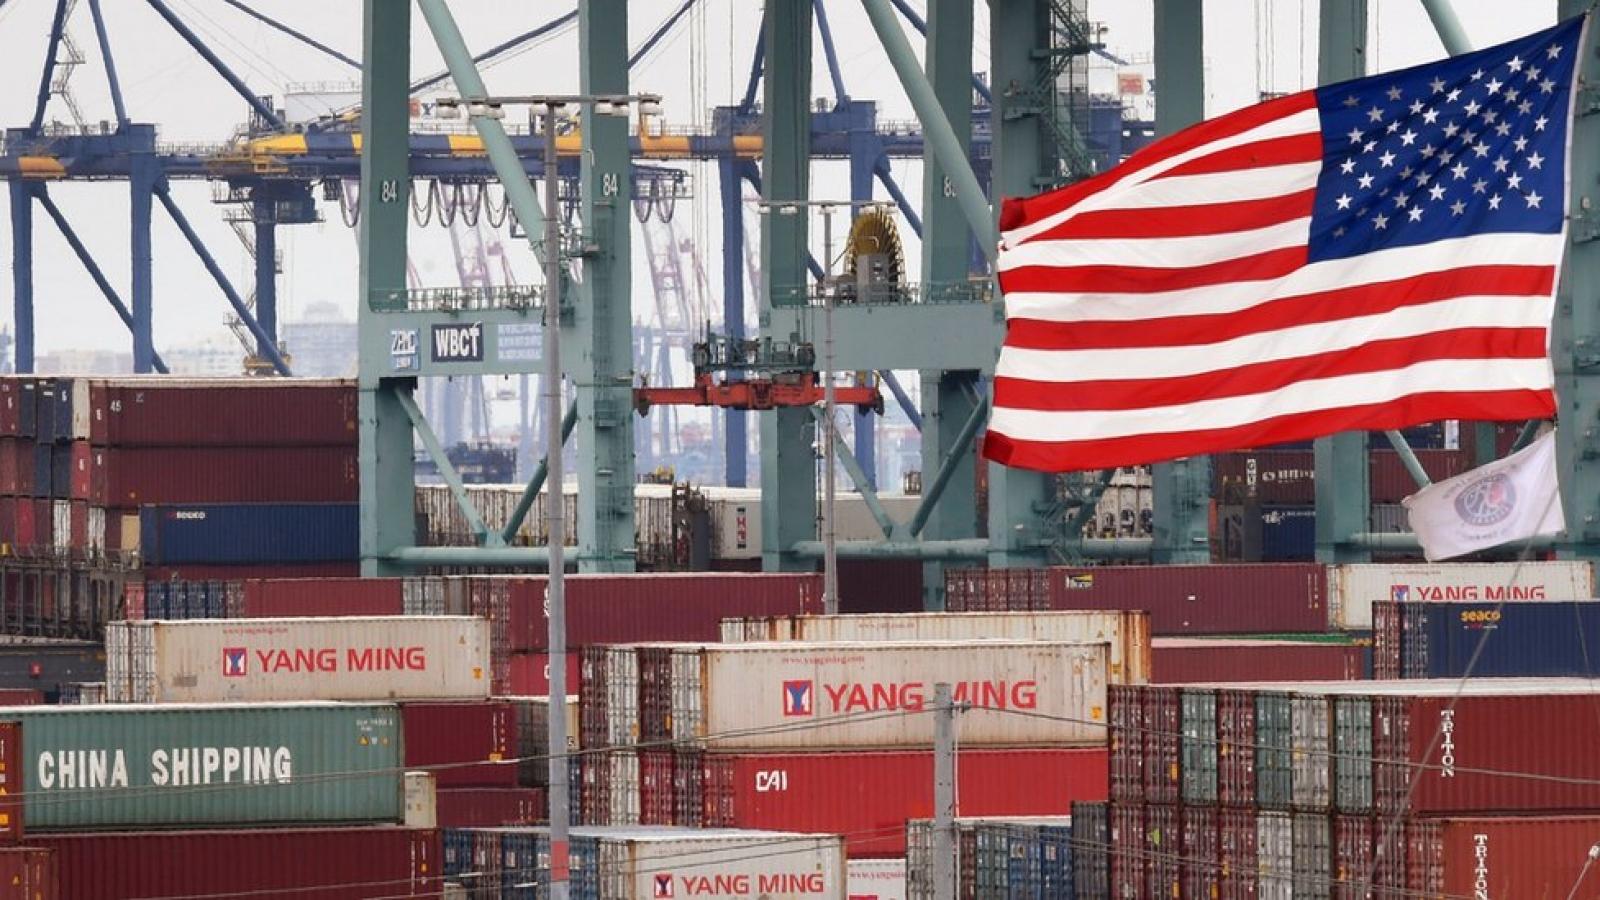 Trung Quốc và Mỹ sẽ là động lực chính cho phục hồi kinh tế toàn cầu